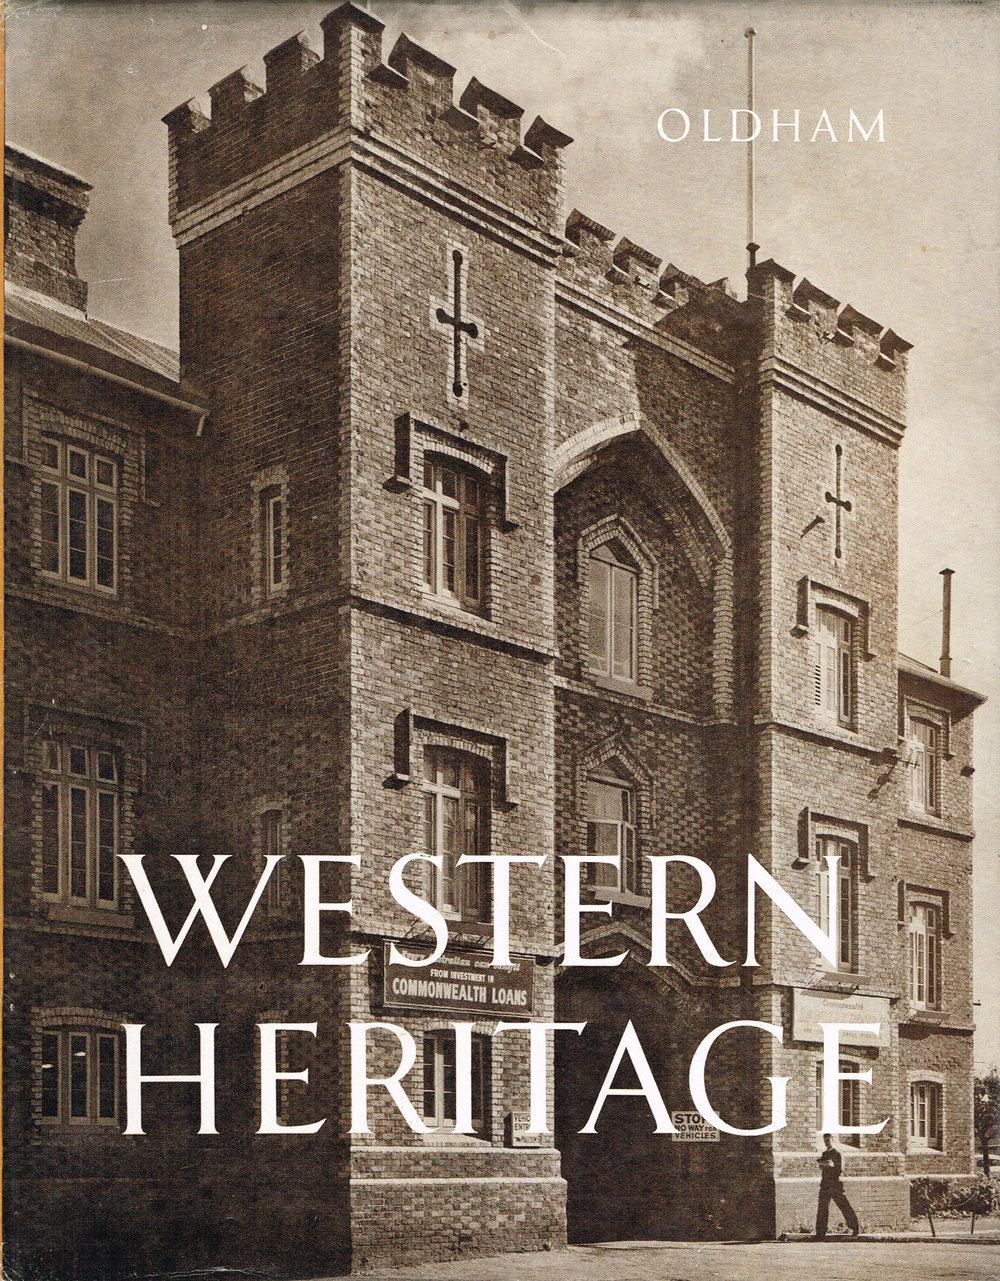 Western Heritage.jpg